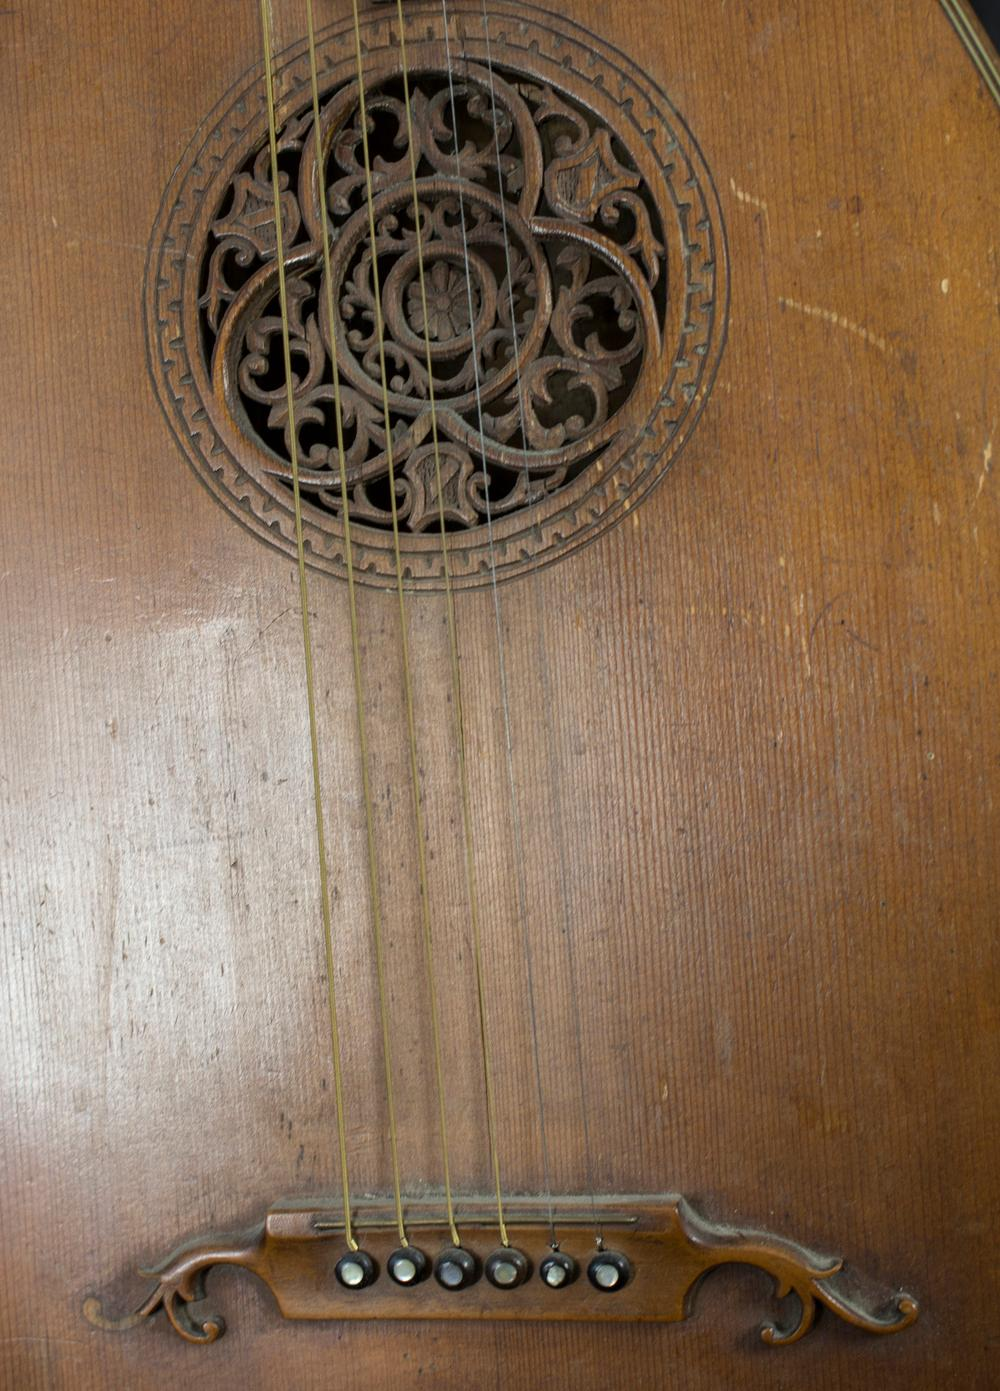 2 Lauten und 1 Mandoline / 2 lutes and 1 mandolin, um 1920